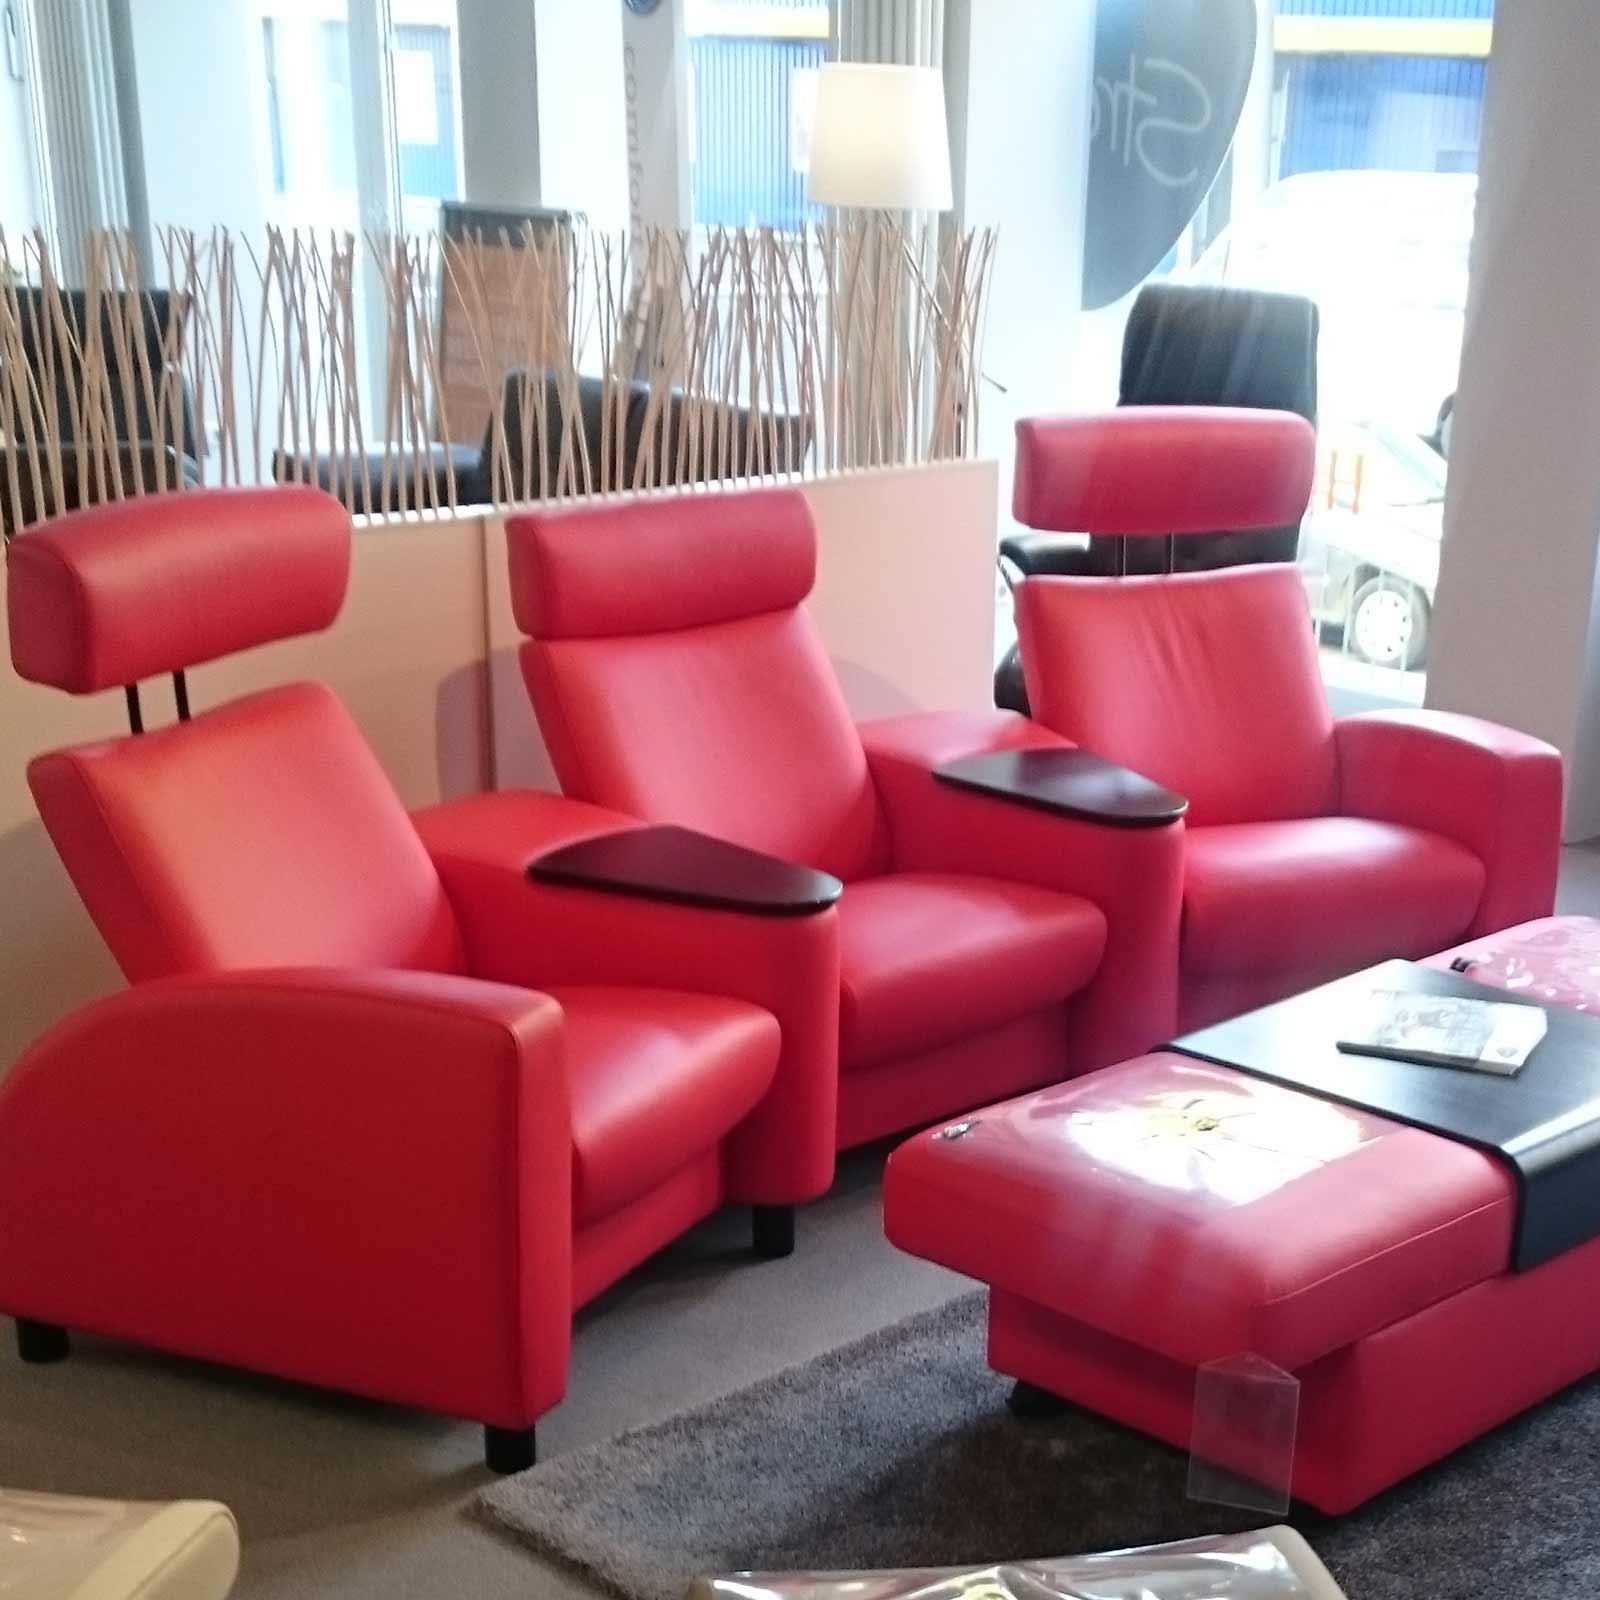 Full Size of Heimkino Sofa 3 Sitzer Elektrischer Relaxfunktion Elektrisch Xora Musterring Kaufen Angebot Stressless Orion Doppelhocker Gnstig Ohne Lehne Bora Chesterfield Sofa Heimkino Sofa